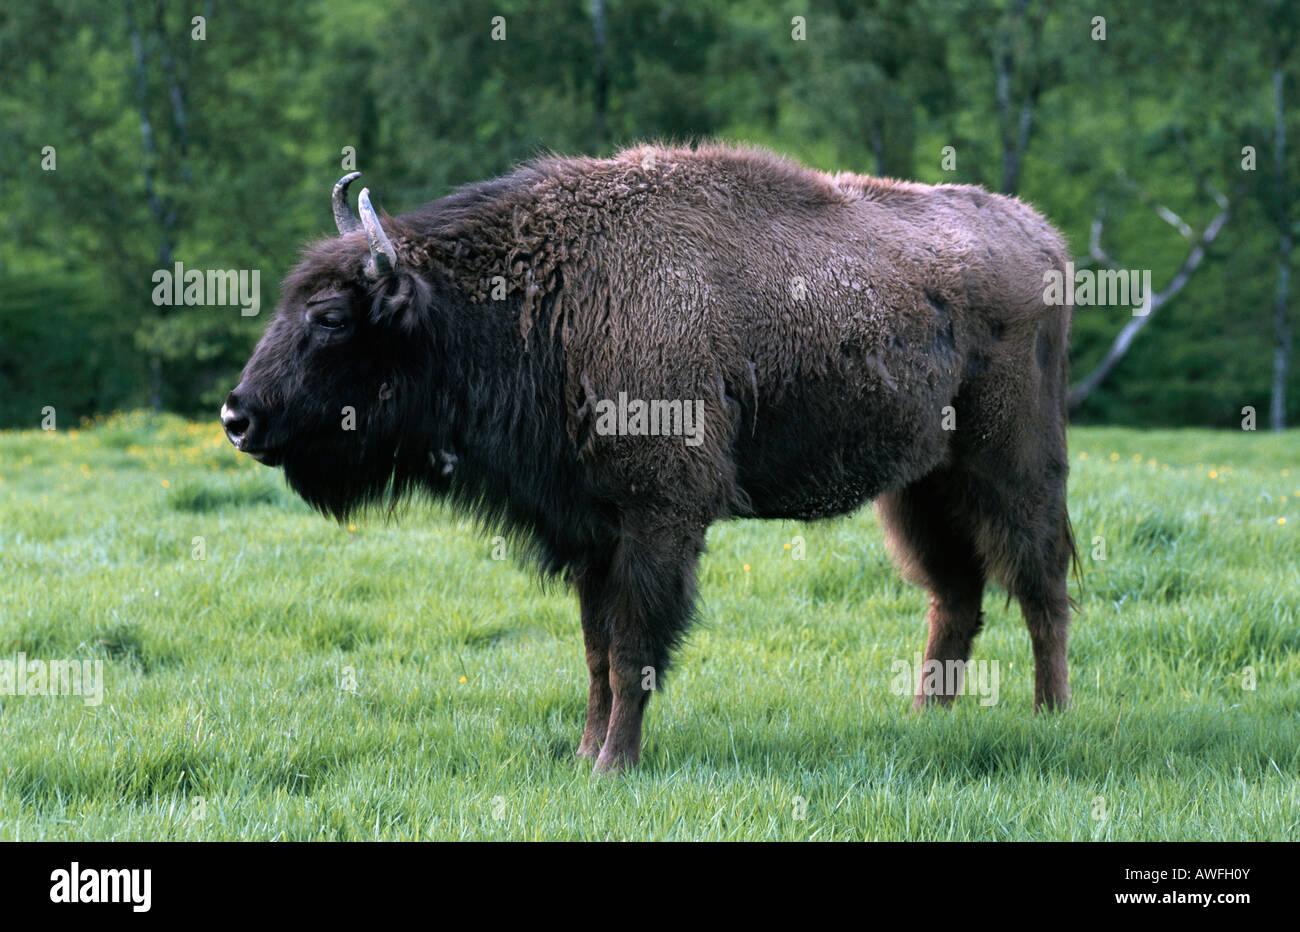 Wisent oder Europäische Bison (Bison Bonasus) Stockbild